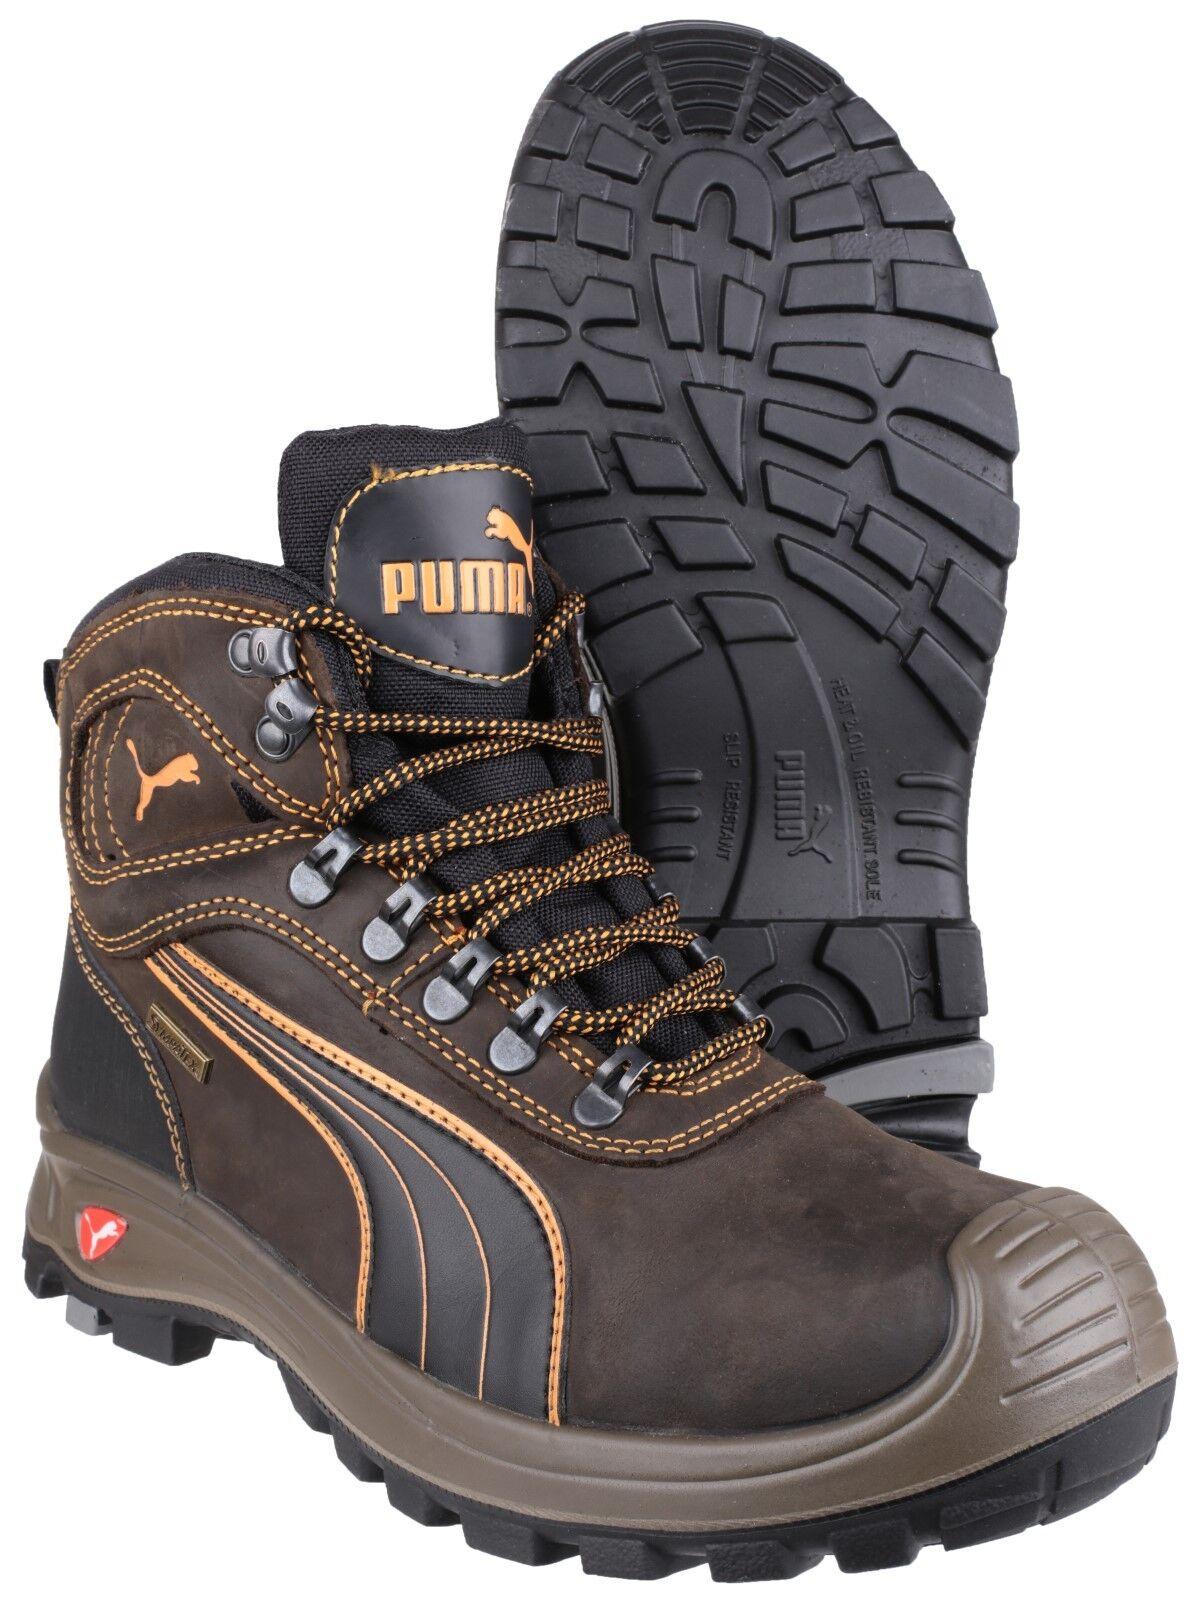 Puma Sierra Stivali Nevada Mid sicurezza composto da Uomo Scarpe Stivali Sierra Lavoro Industriale uk6-13 d163a7